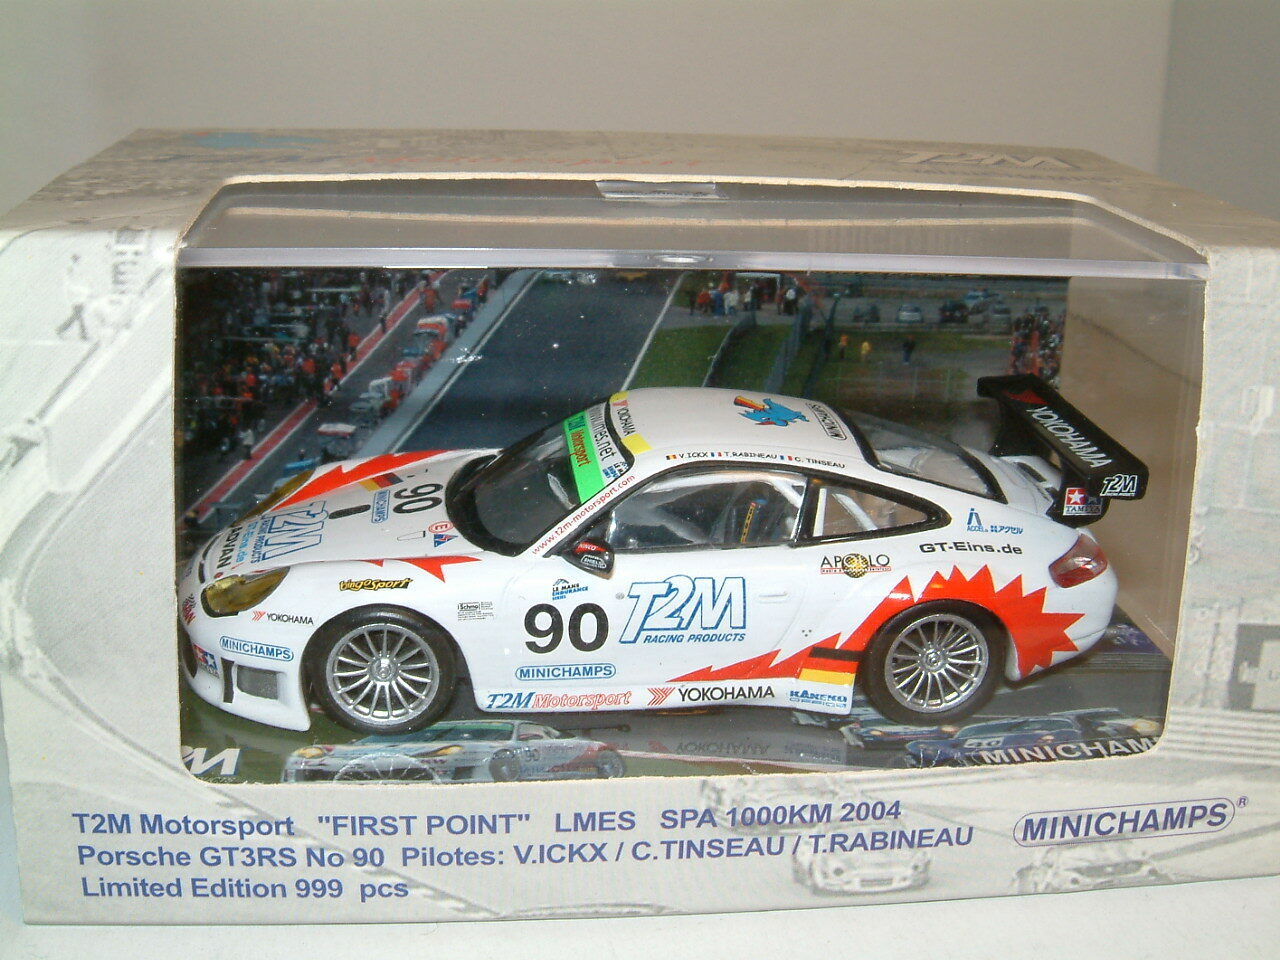 ahorra hasta un 70% 1 43 Porsche 911 GT3 GT3 GT3 RS  90 2004 Spa LMES T2M Motorsport, Minichamps 999 Ltd Ed  precios mas baratos